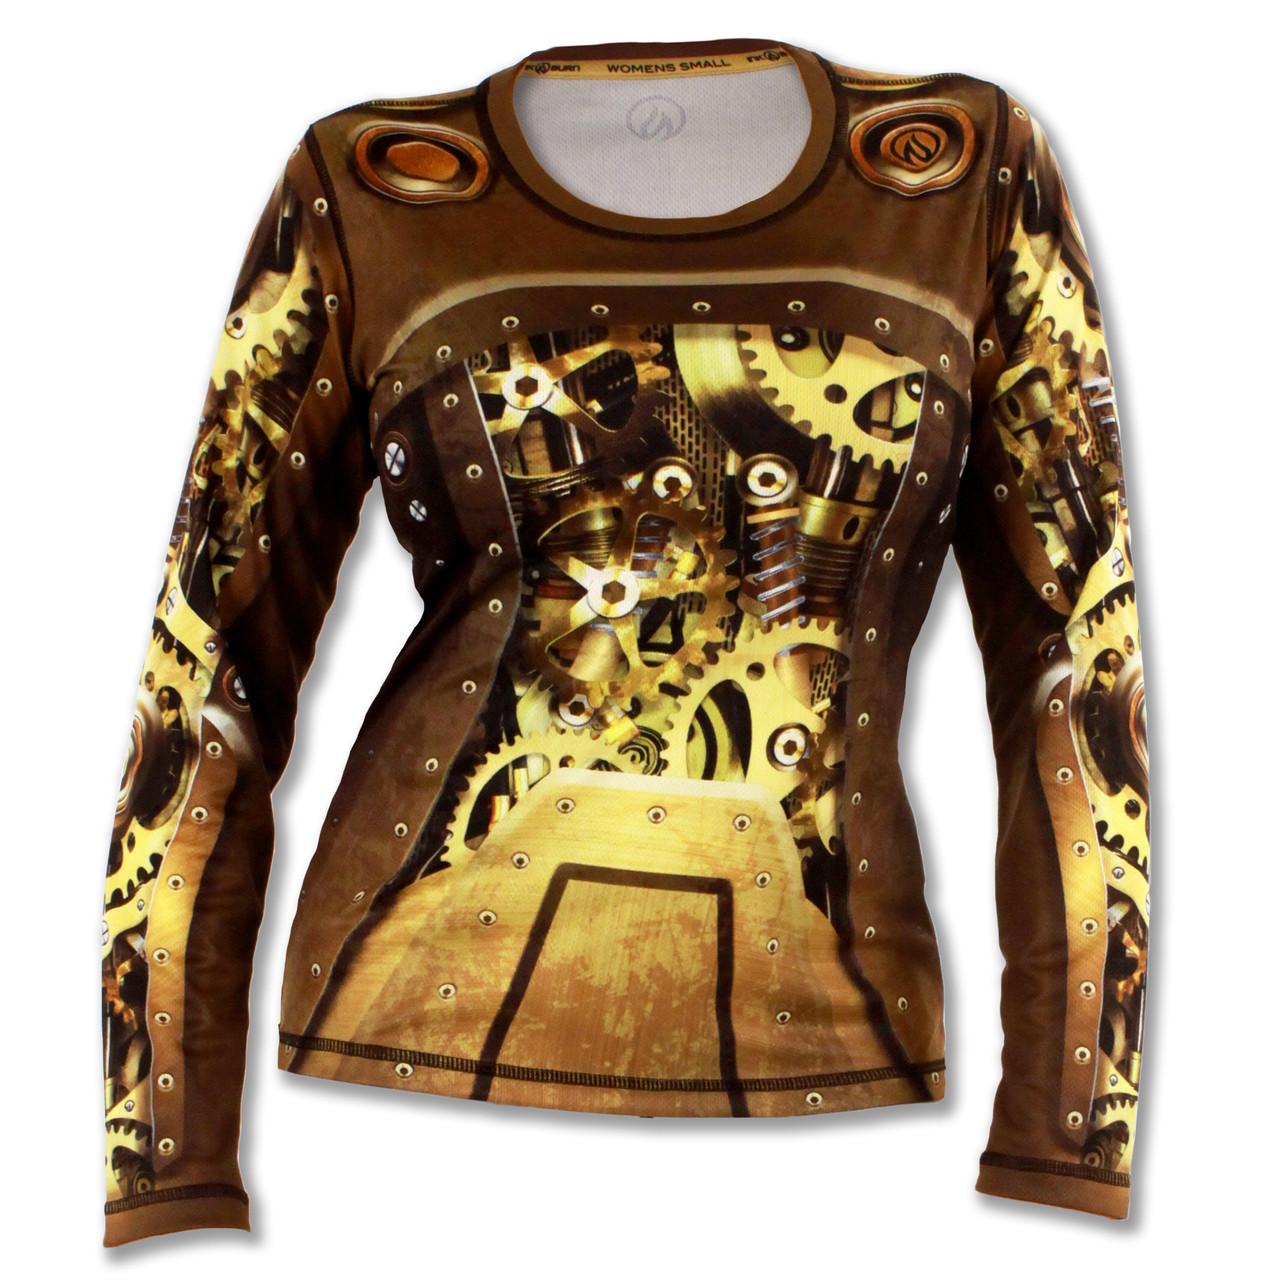 Inknburn women 39 s steampunk long sleeve tech shirt for Long sleeve technical running shirt